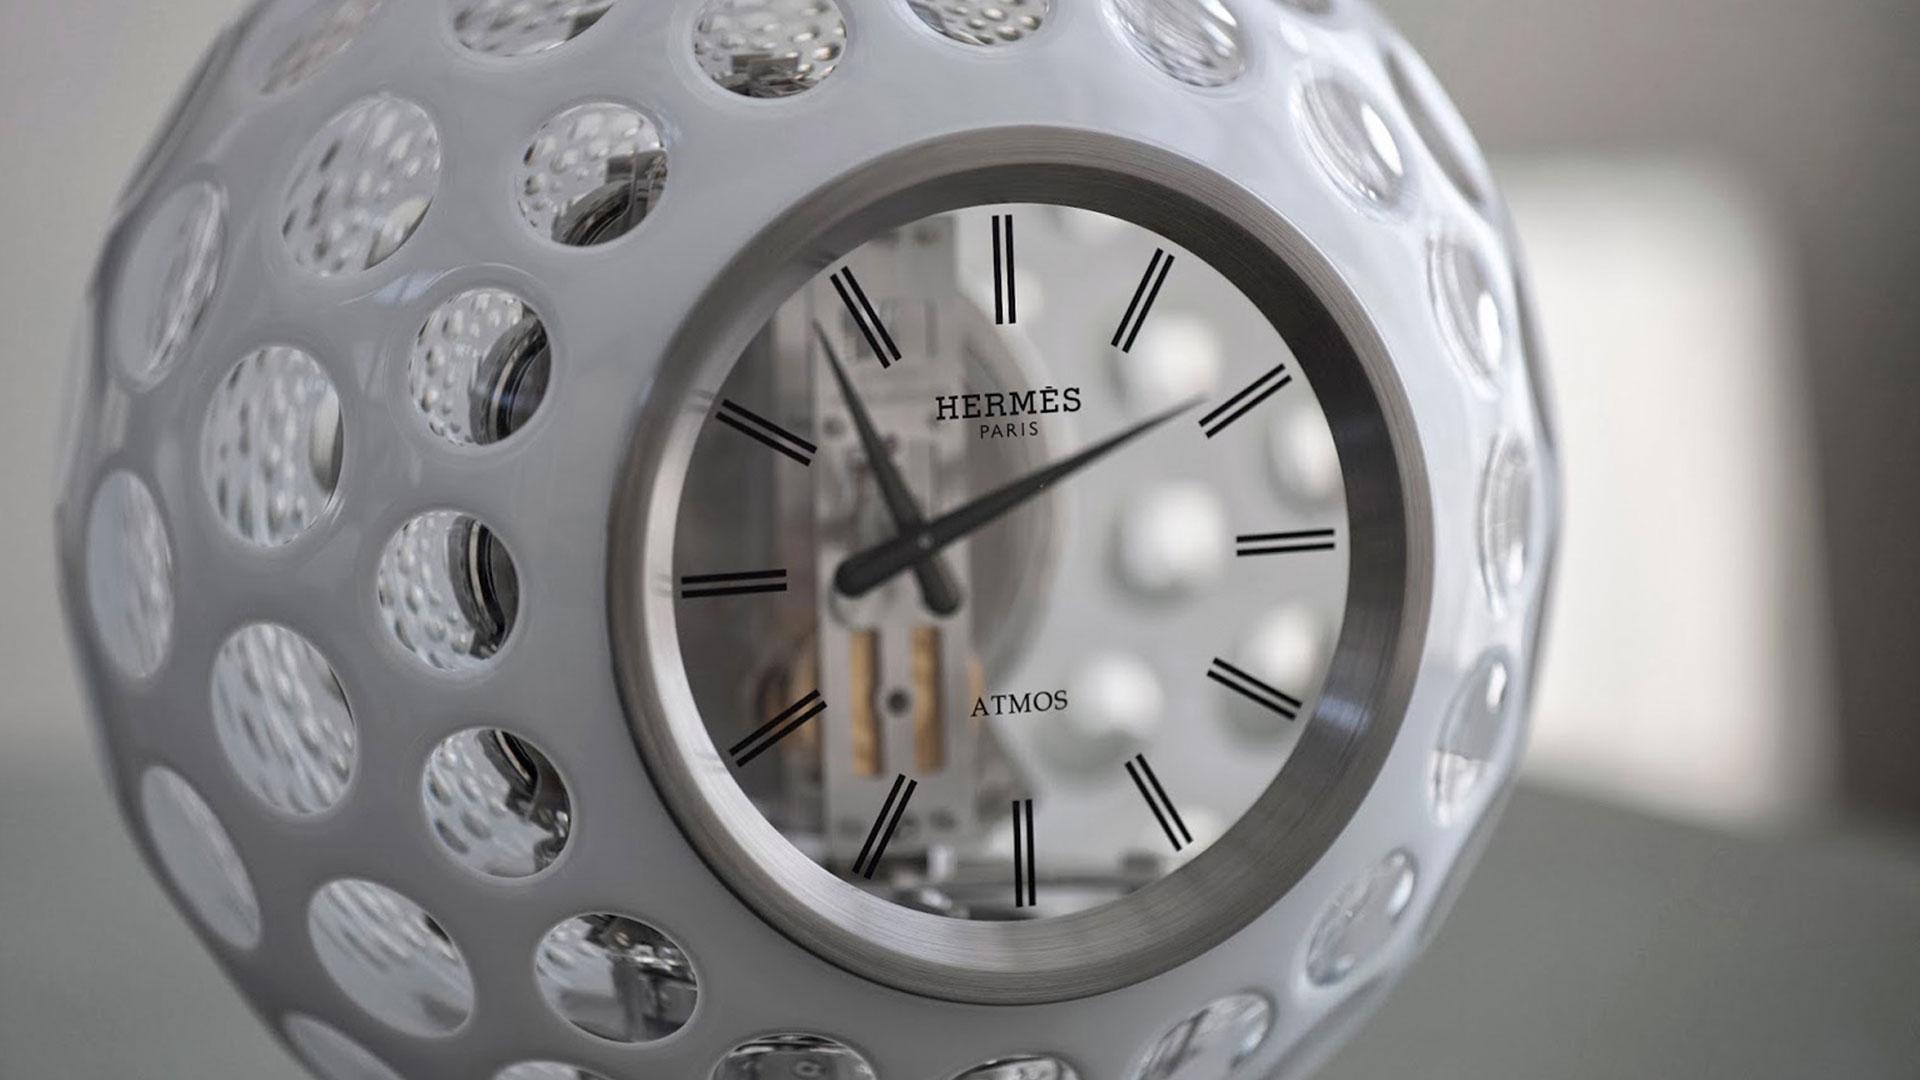 Reloj atmos hero asset